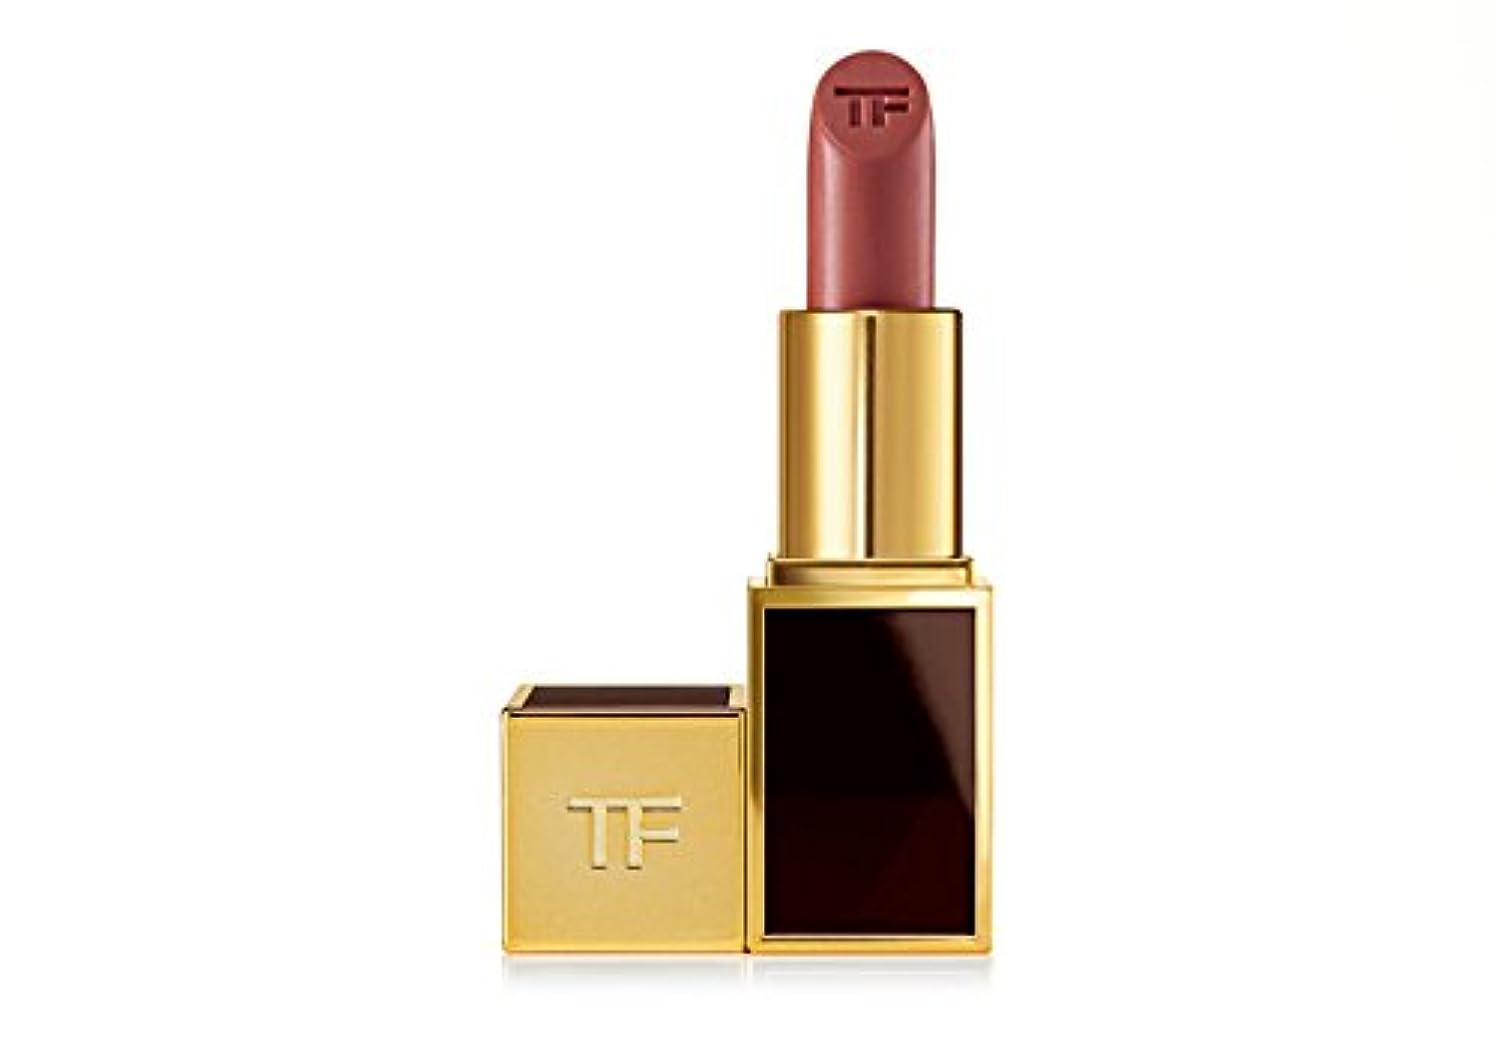 無意味敬礼定数トムフォード リップス アンド ボーイズ 11 中立 リップカラー 口紅 Tom Ford Lipstick 11 NEUTRALS Lip Color Lips and Boys (#20 Richard リチャード)...